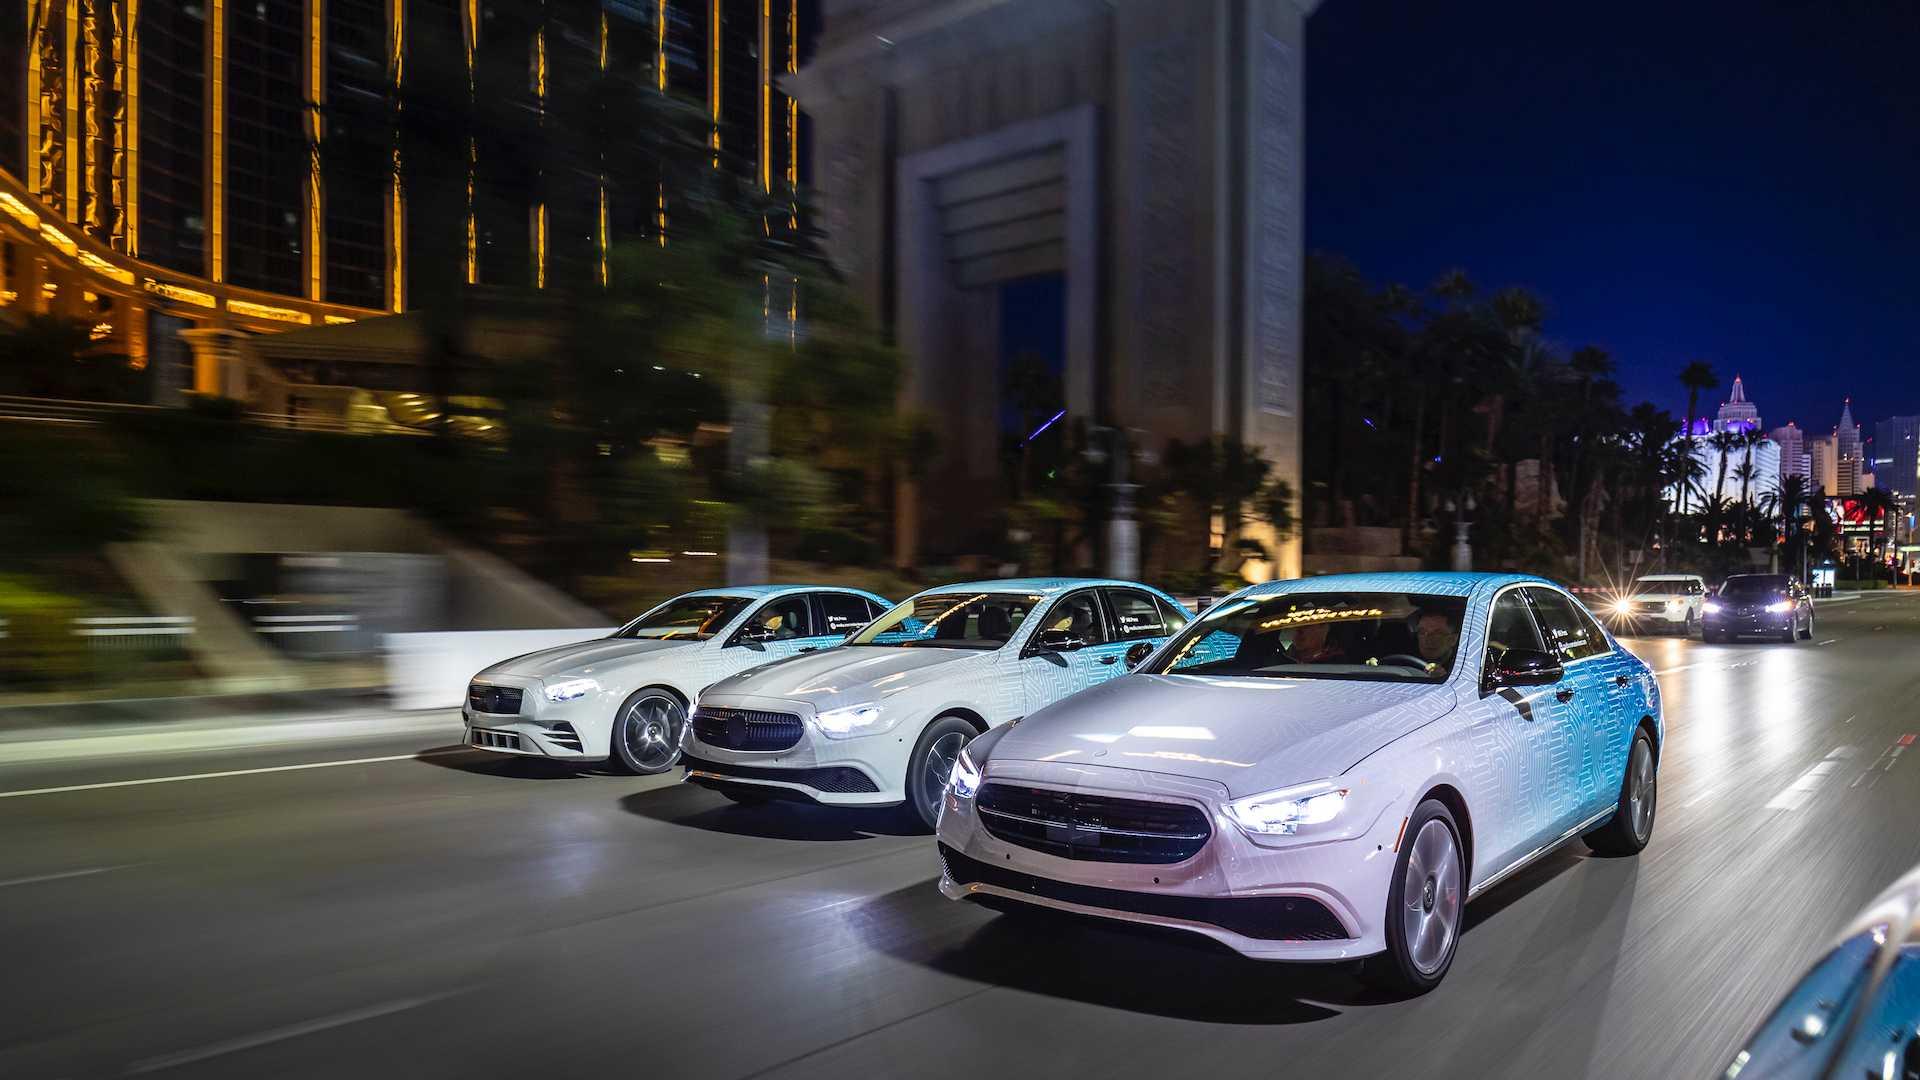 Hé lộ hình ảnh Mercedes-Benz E-Class facelift, thiết kế và động cơ mới - 02